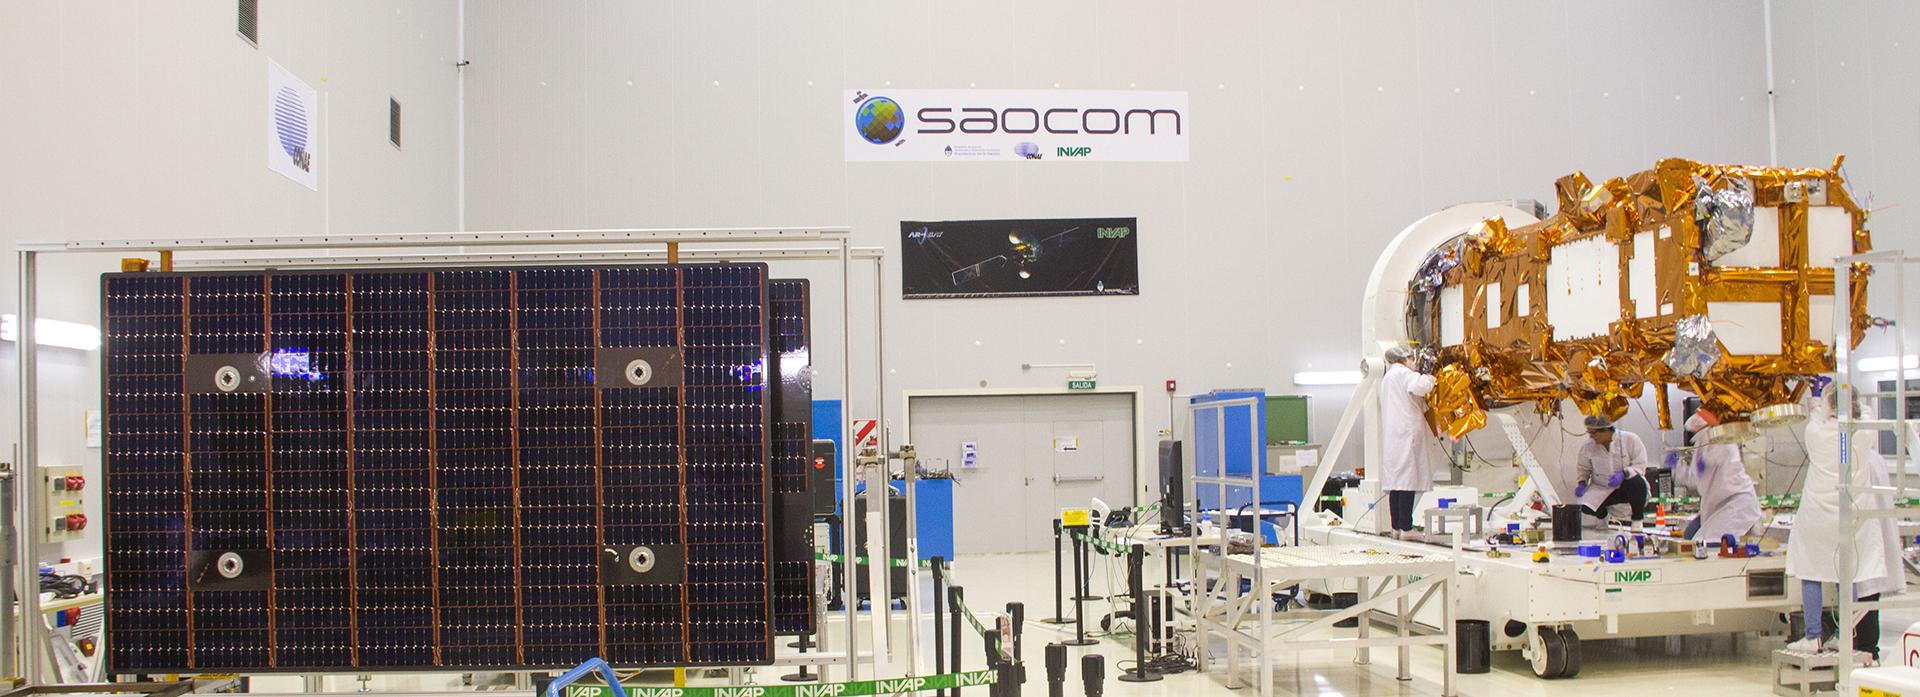 Plataforma satelital y paneles solares en INVAP, una de las empresas que participó en el desarrollo del satélite (CONAE).